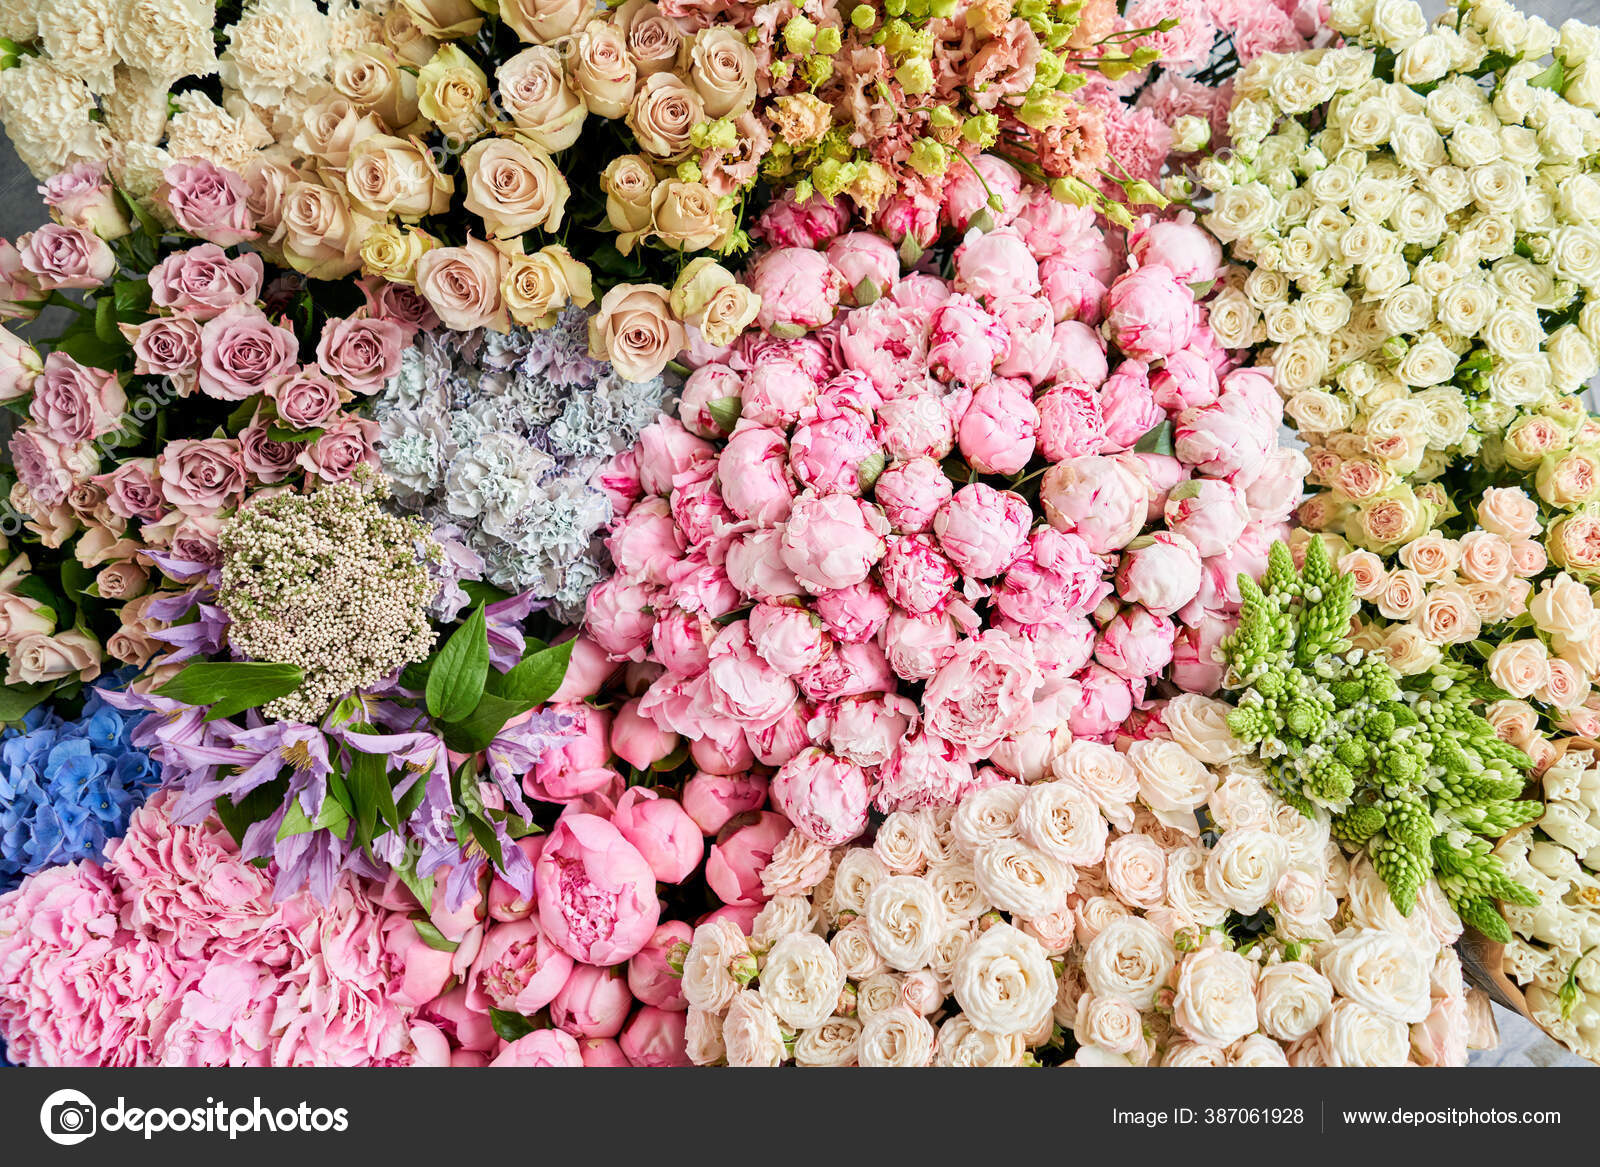 Karpet Bunga Atau Wallpaper Latar Belakang Campuran Bunga Bunga Indah Untuk Katalog Atau Toko Online Toko Bunga Dan Konsep Pengiriman Pemandangan Bagus Salin Ruang Stok Foto C Malkovkosta 387061928